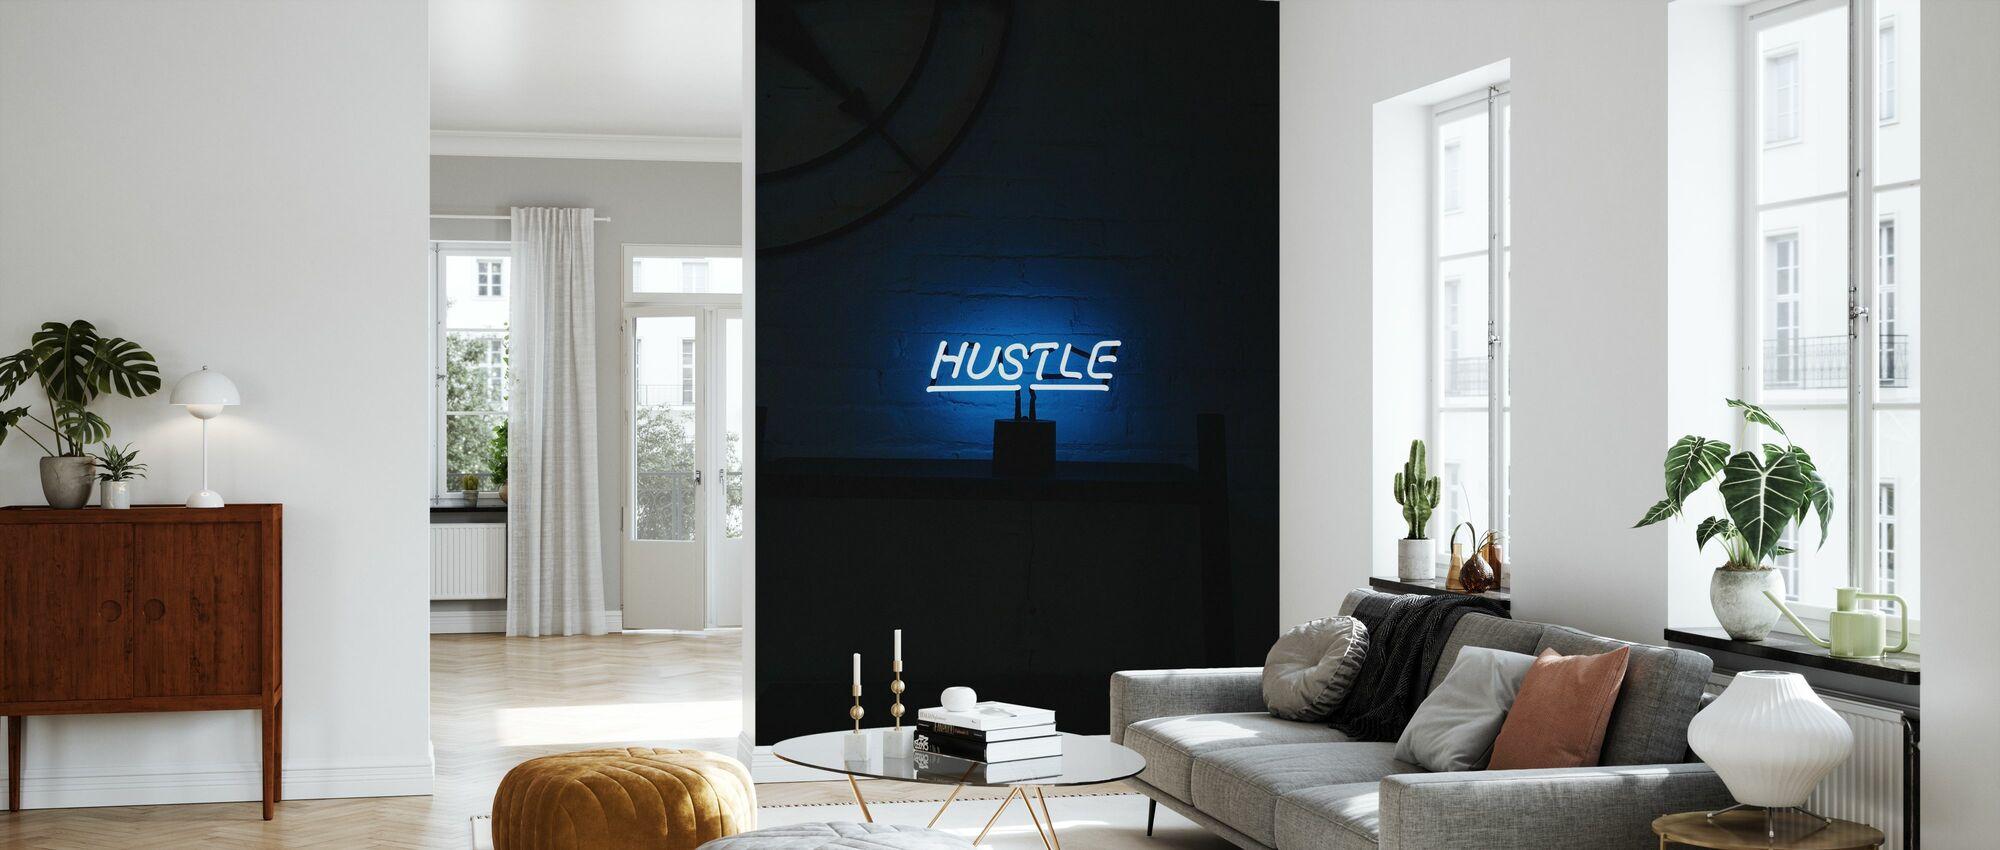 Hustle Neon Sign - Wallpaper - Living Room